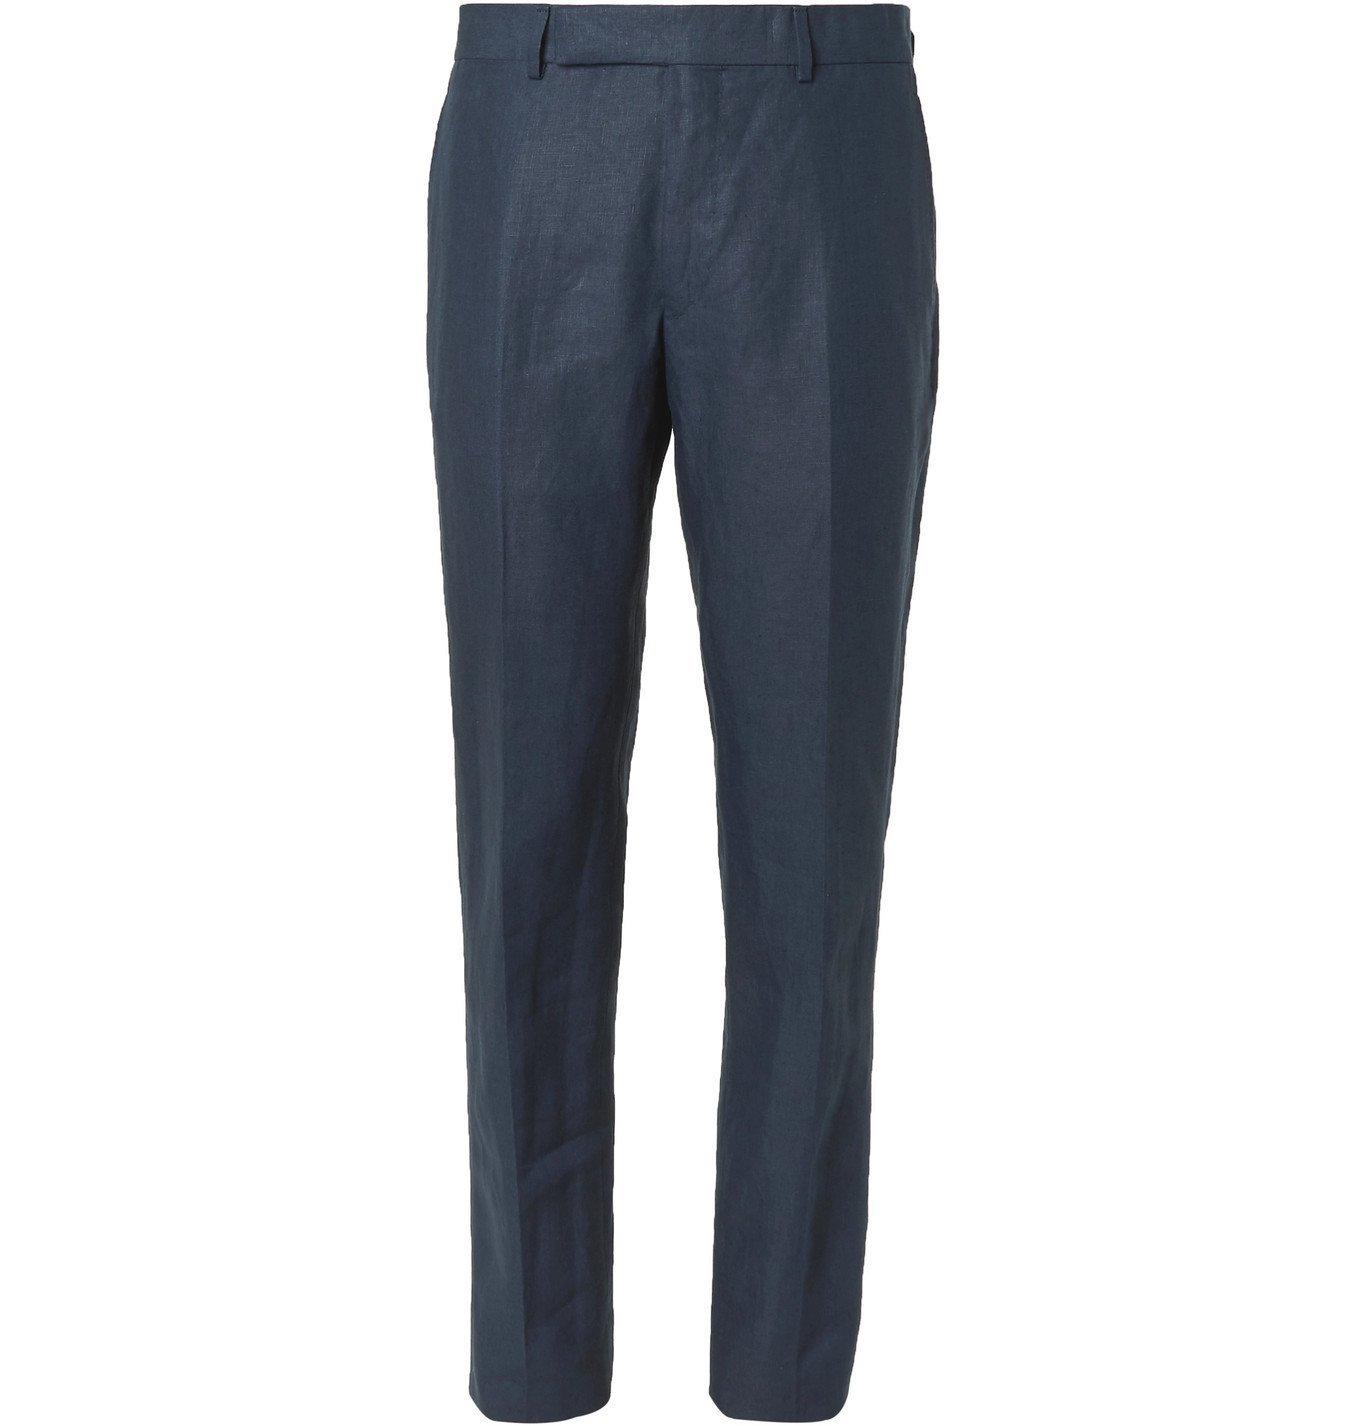 Dunhill - Slim-Fit Linen Suit Trousers - Blue